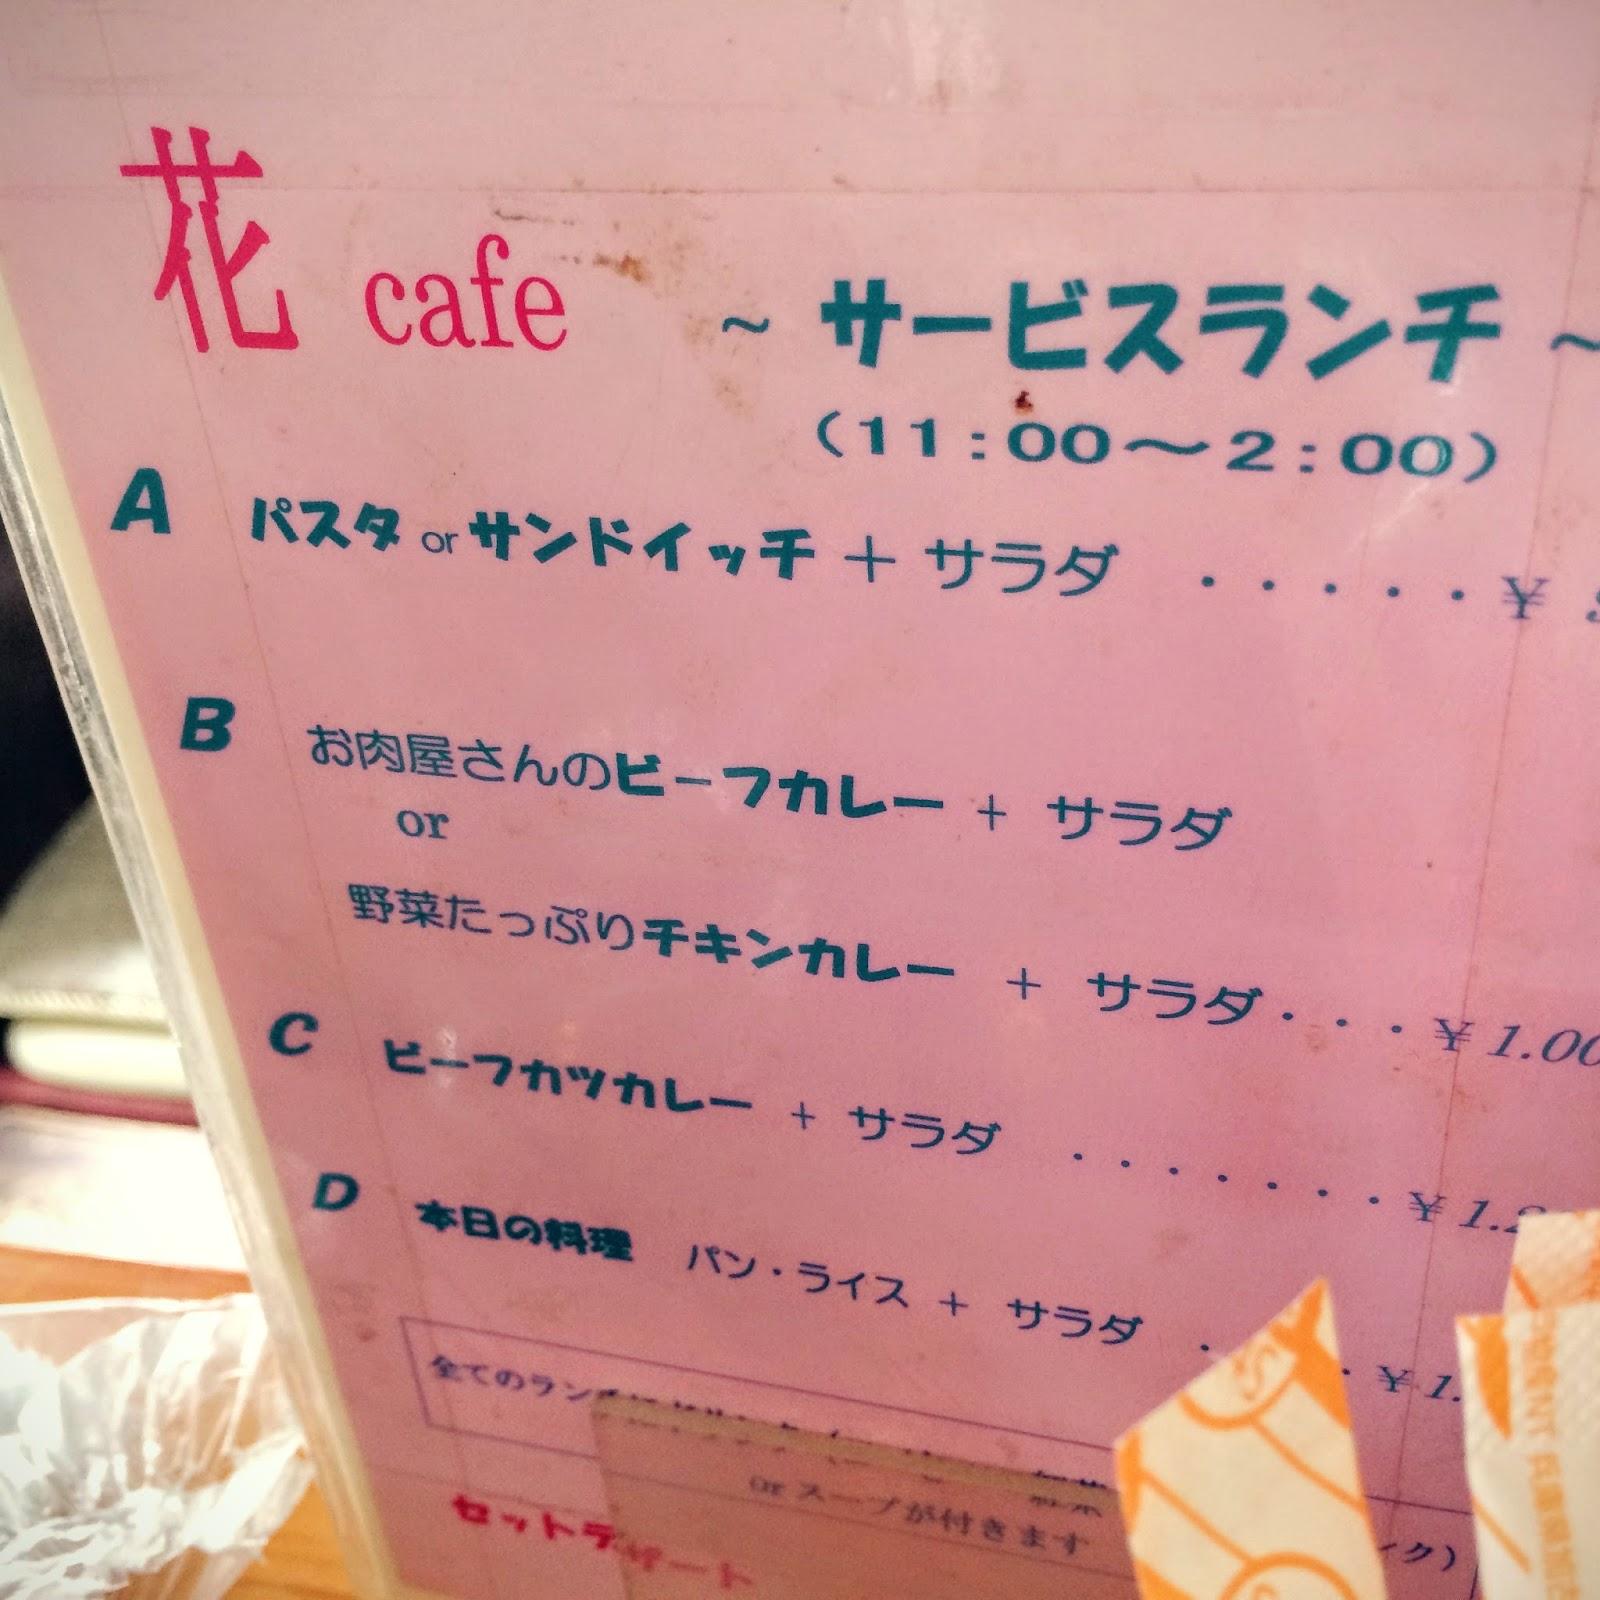 苦楽園の花カフェ(cafe)のランチメニュー